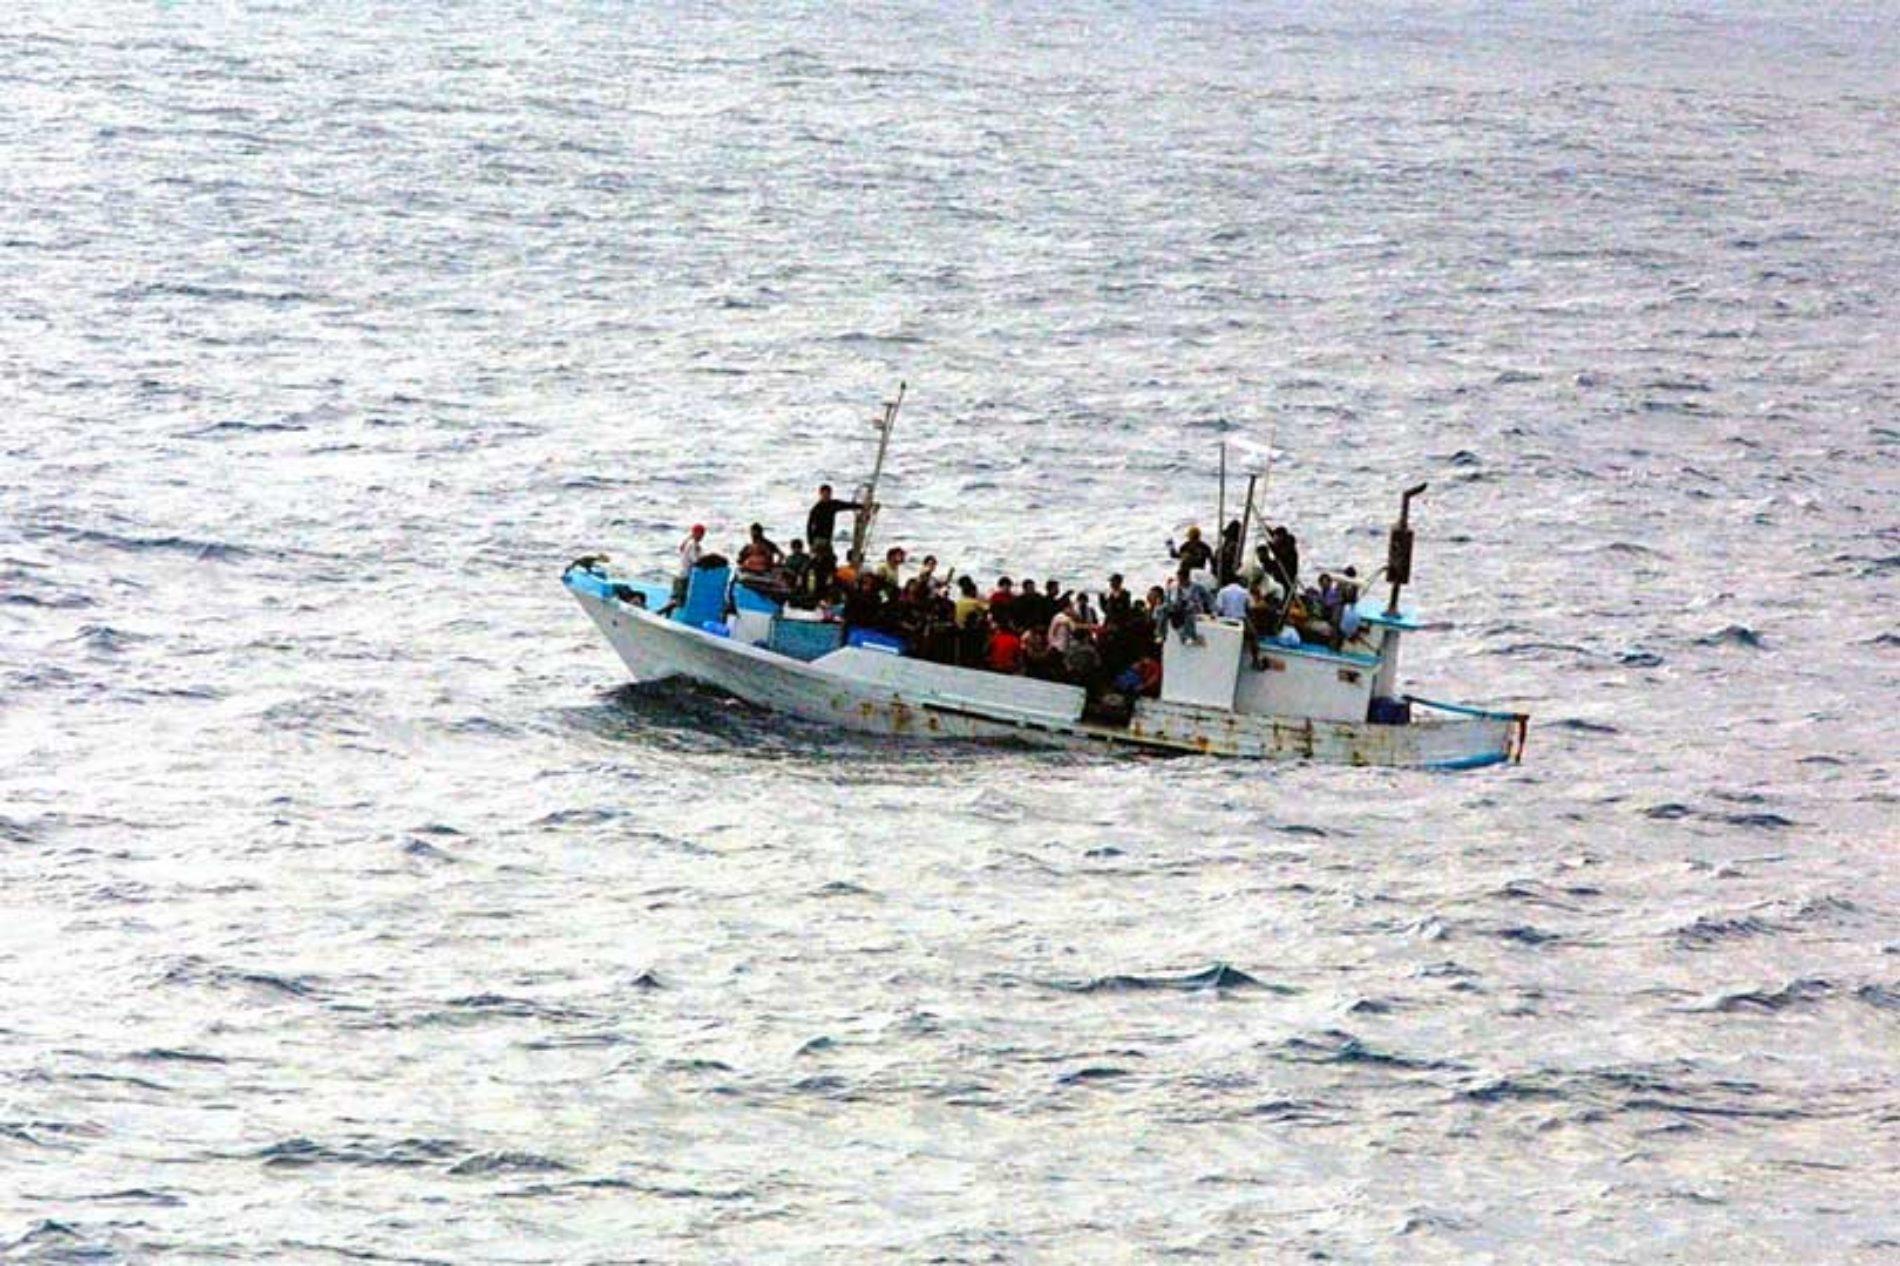 45 immigranter kom til Gran Canaria i morges